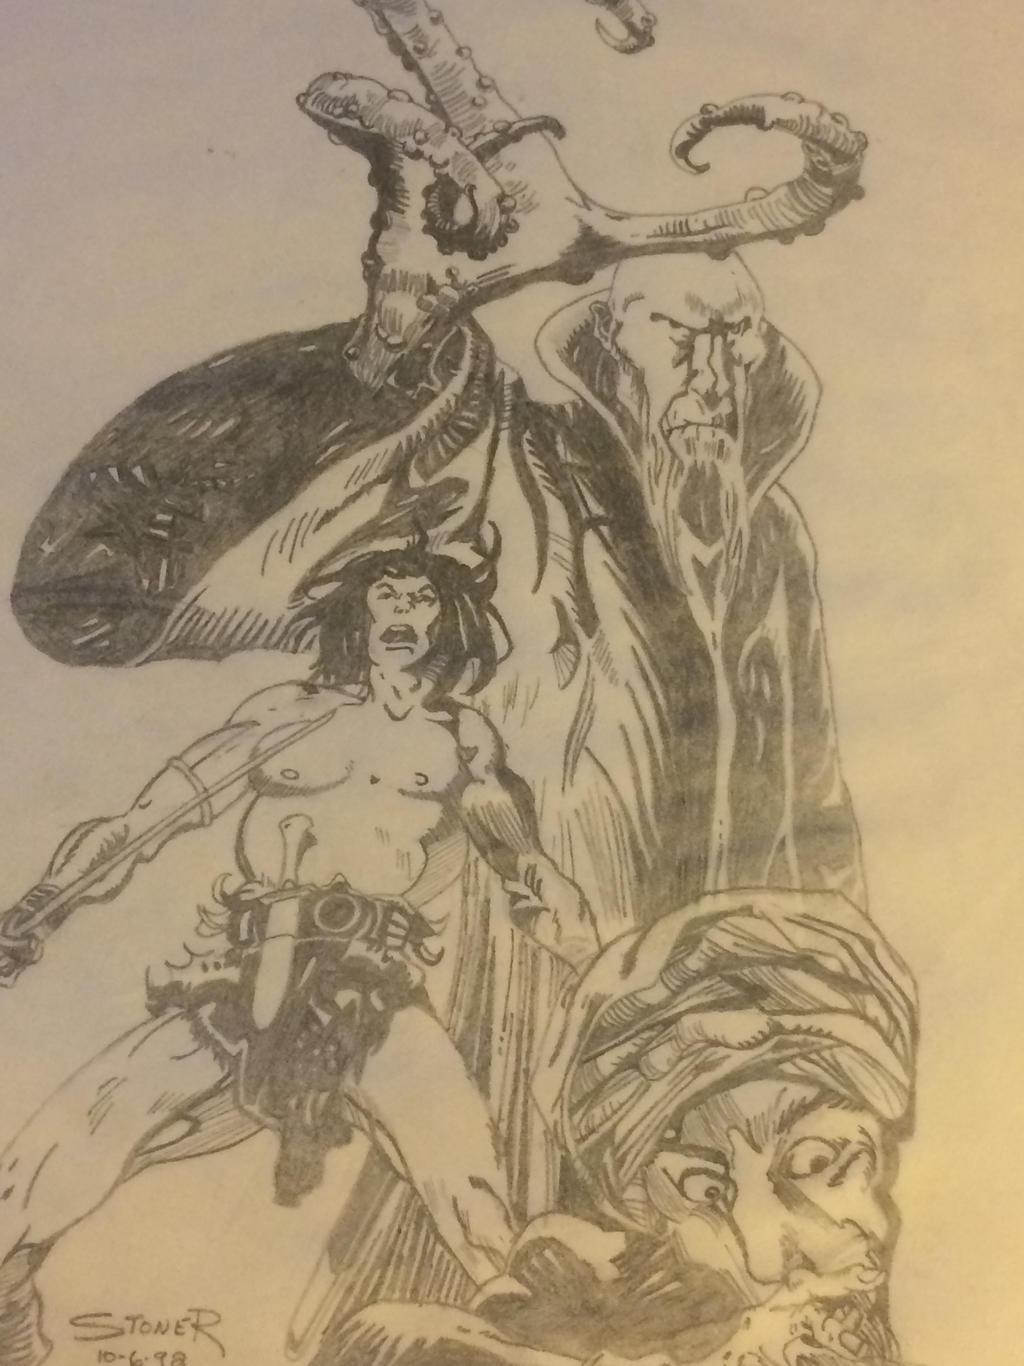 Wizard/Conan